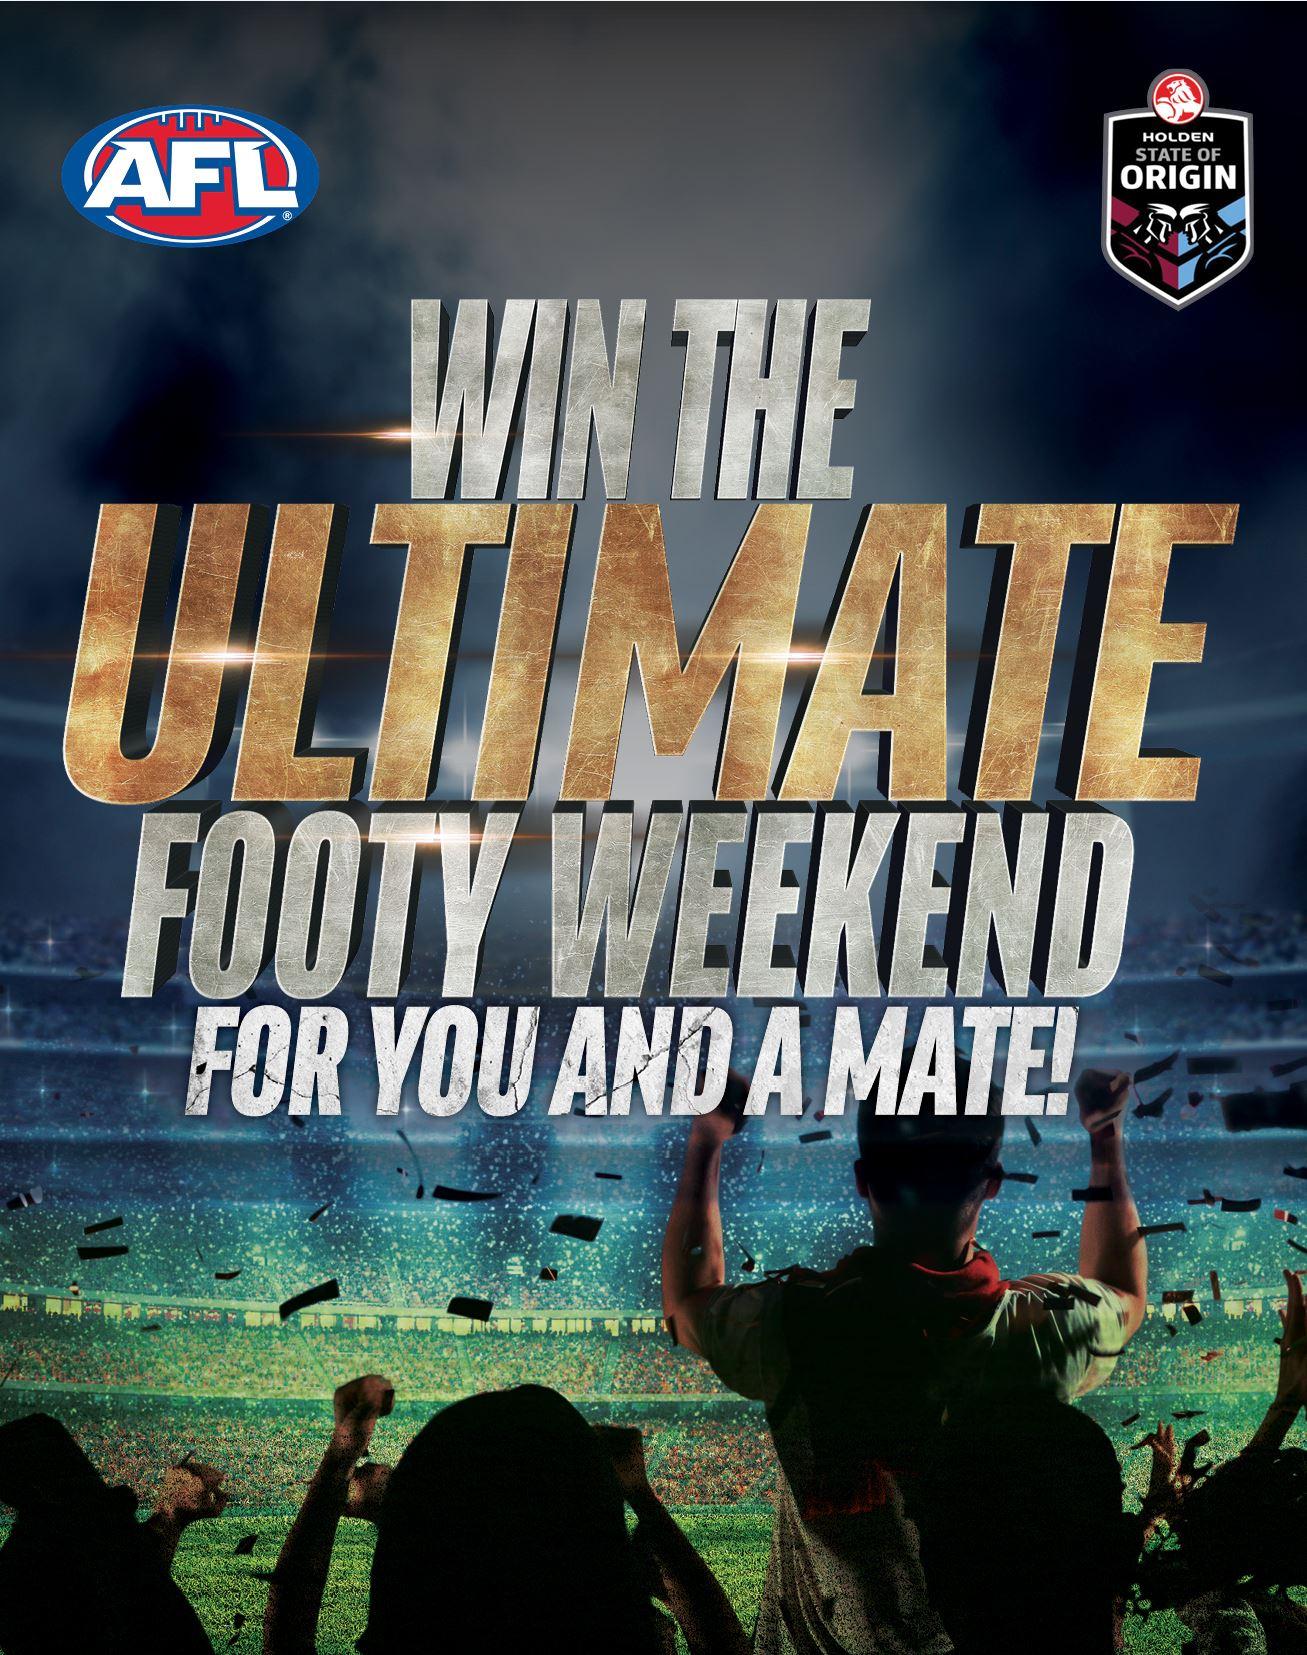 Ulitmate Footy Weekend